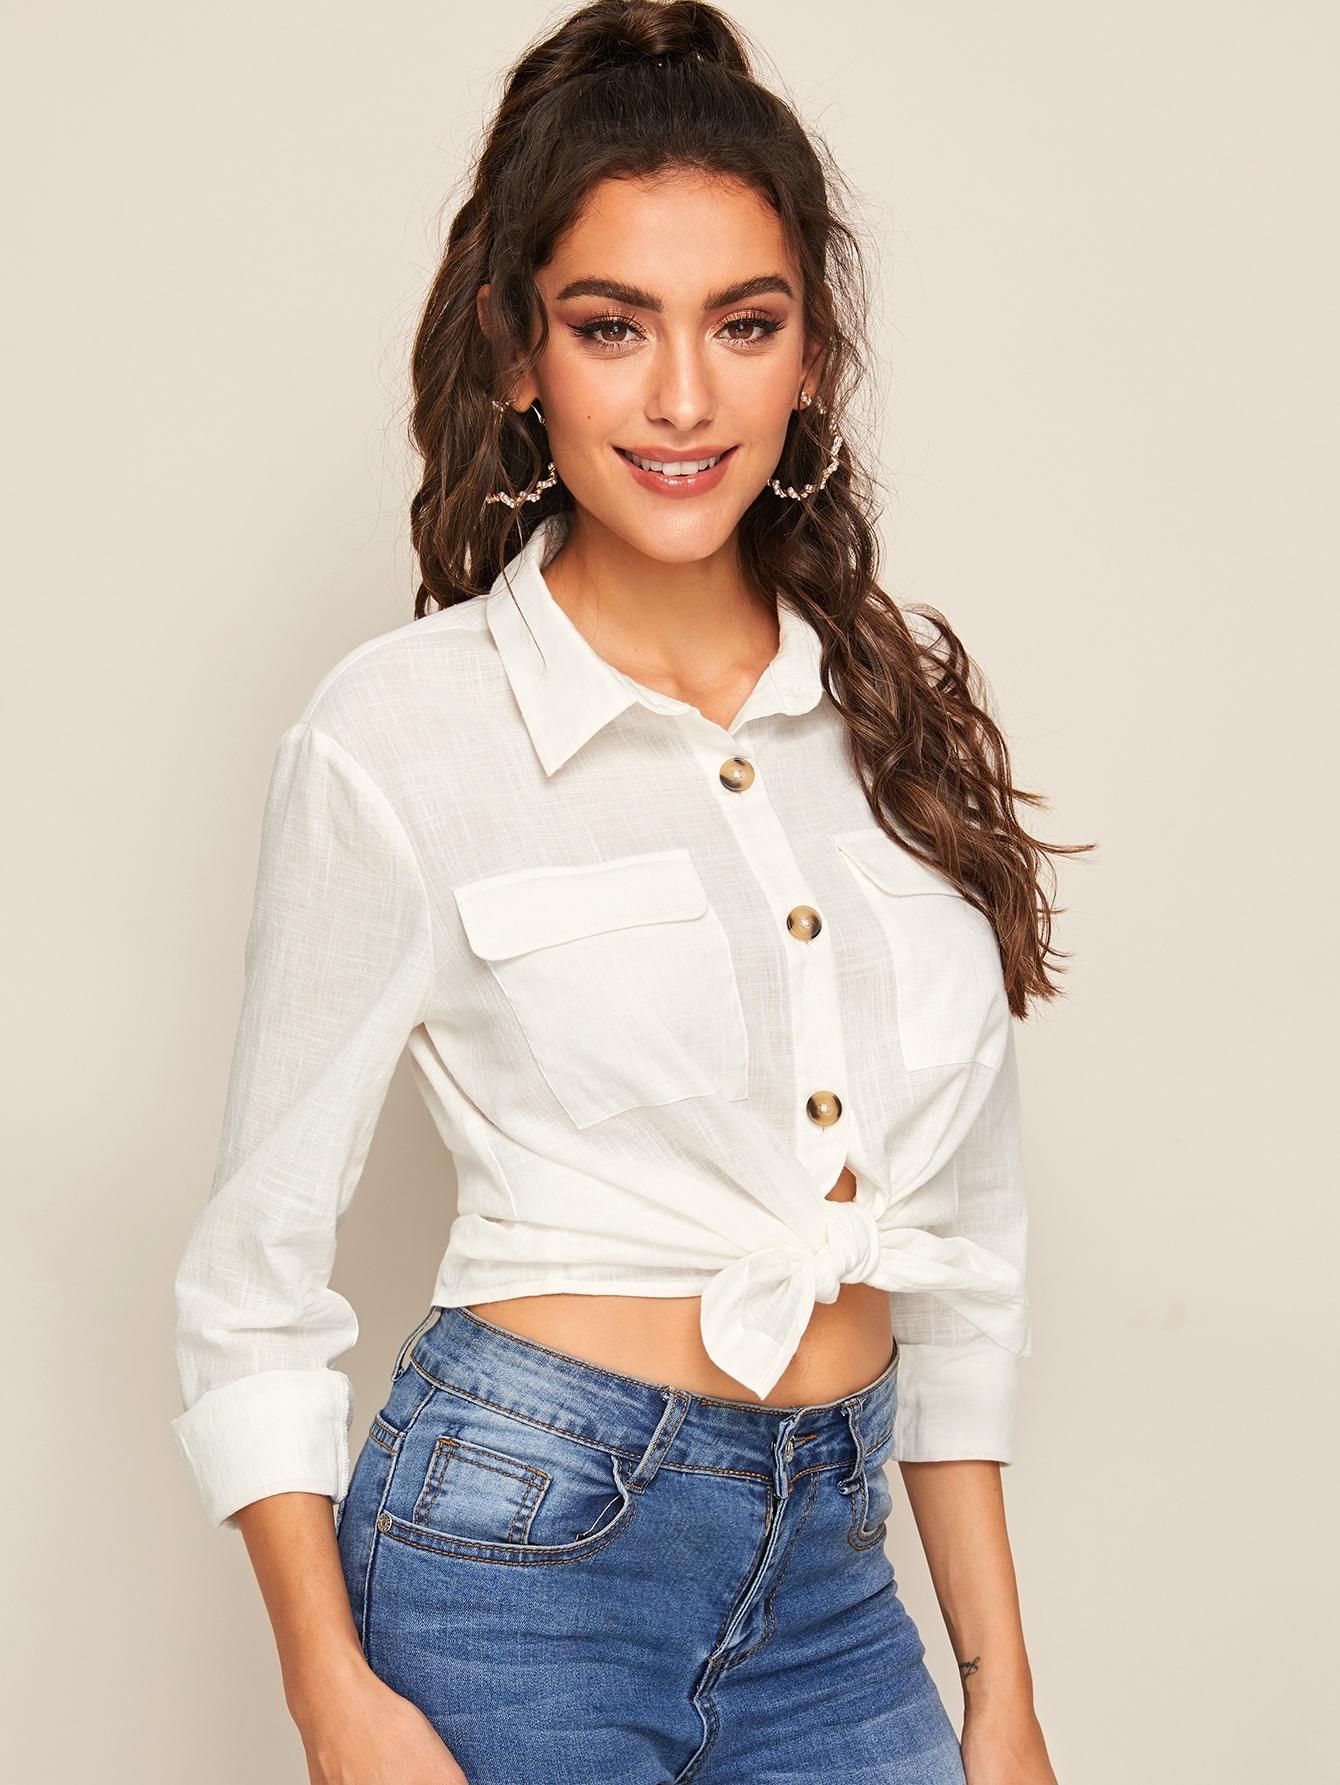 Фото - Короткая блуза в горошек со сборками от SheIn черного цвета